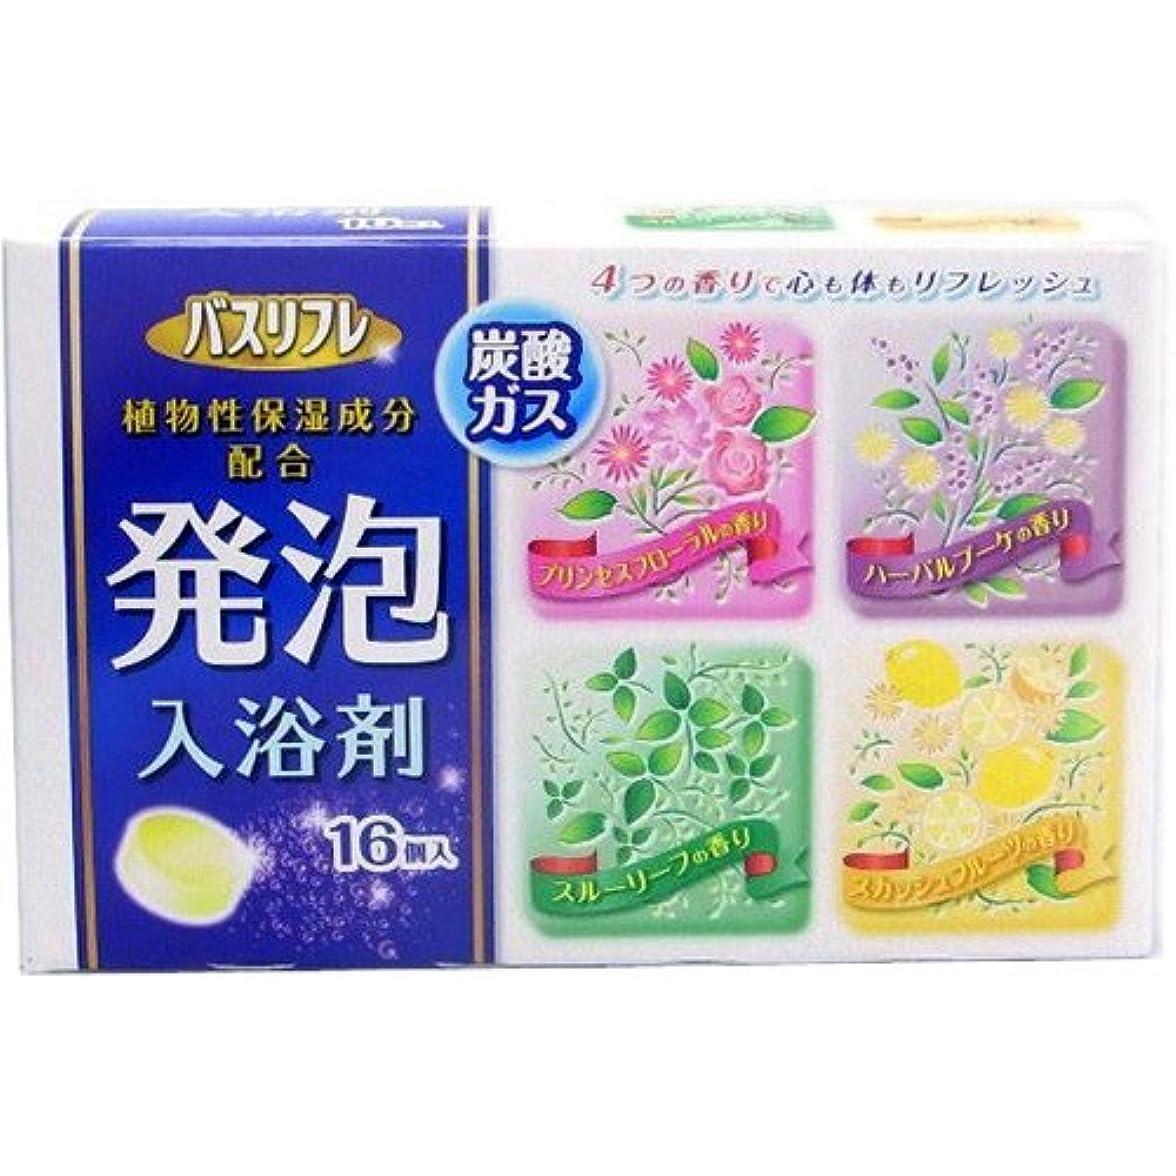 投票慢性的話をするバスリフレ 薬用発泡入浴剤 16錠 [医薬部外品] Japan